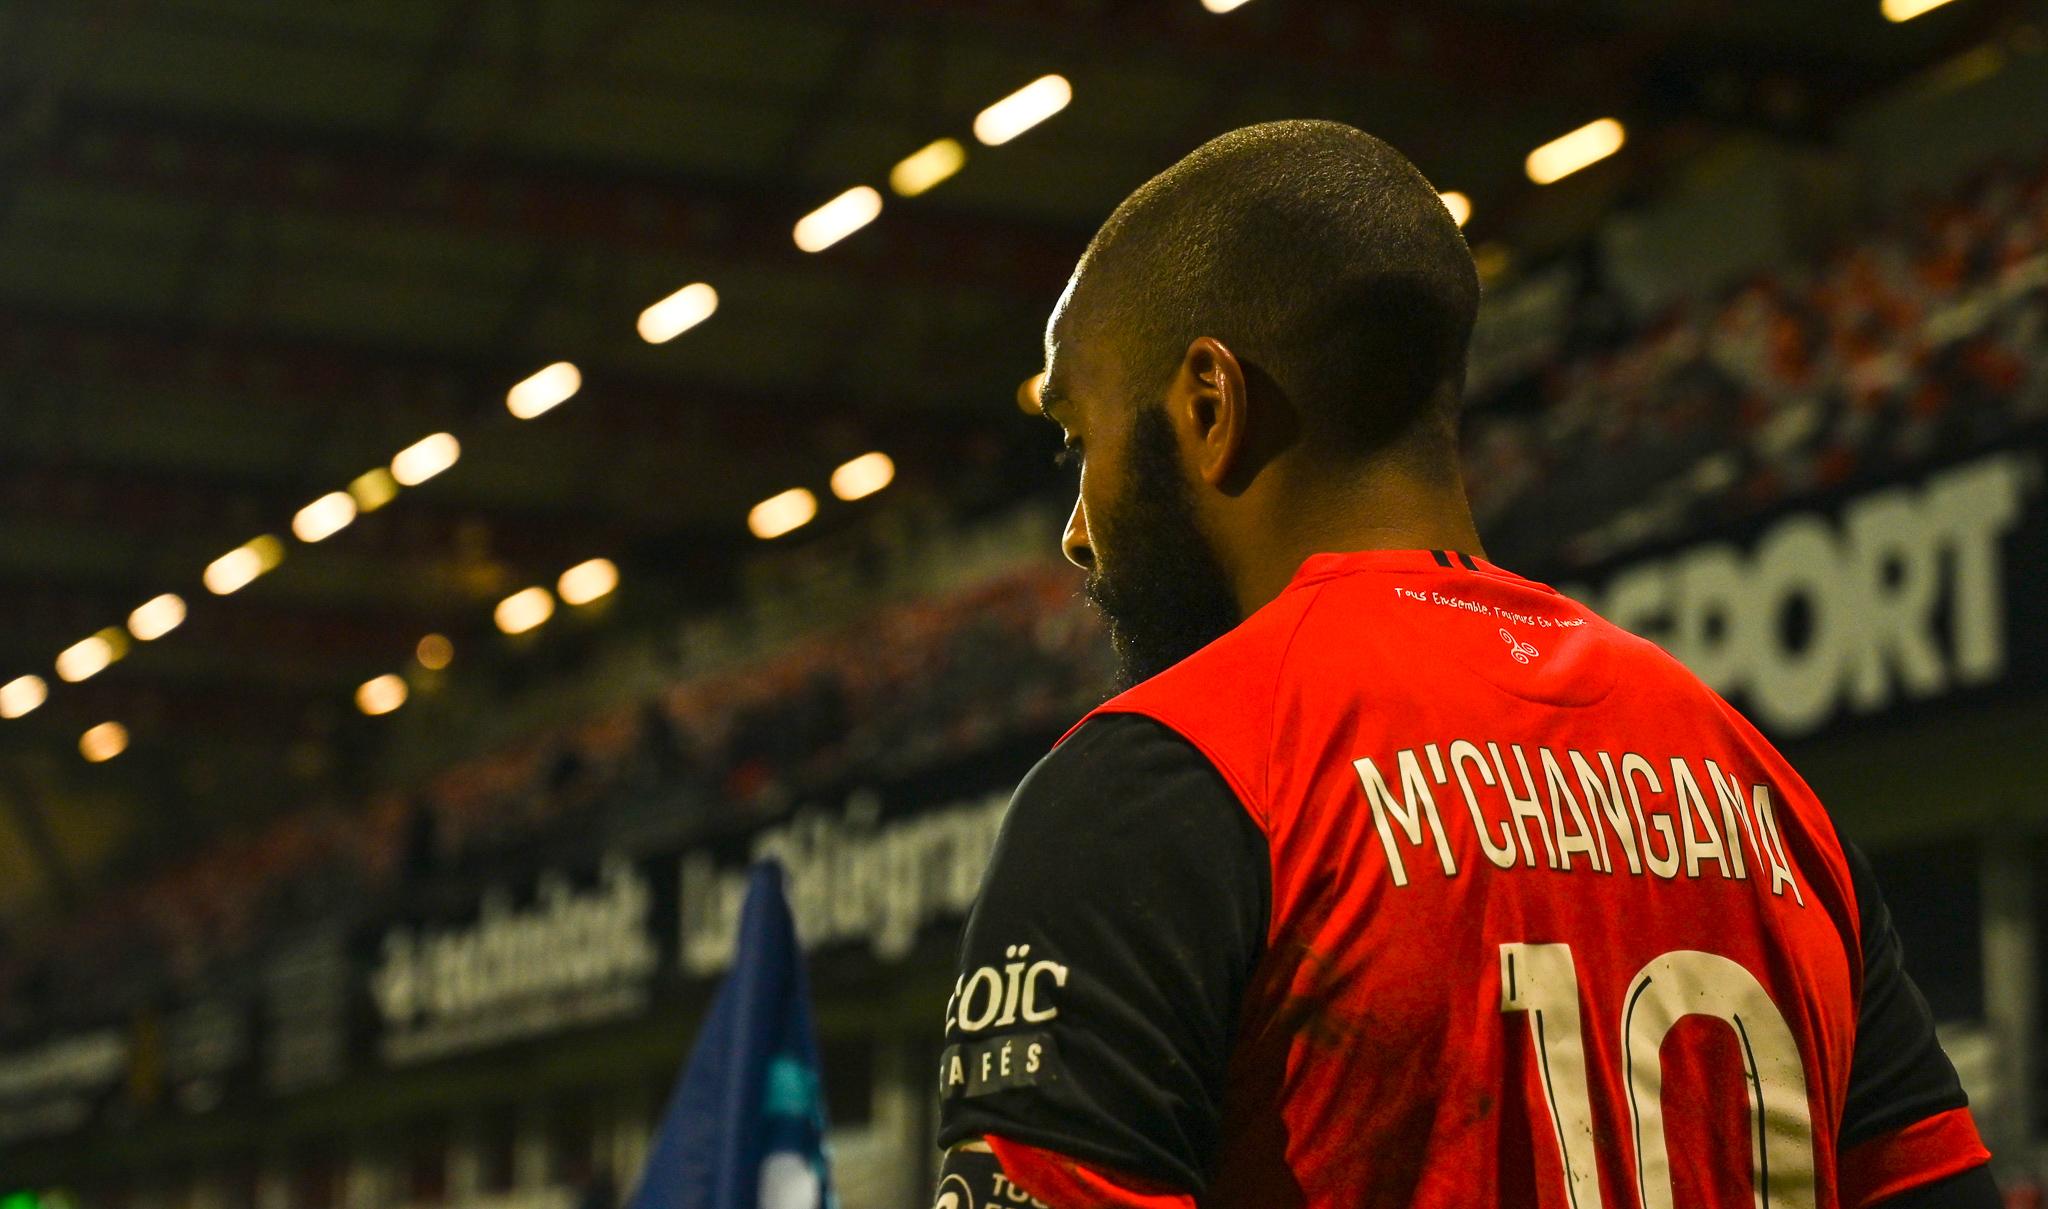 20 EA Guingamp SM Caen 2-2 Ligue 2 BKT Journée 26 2020-21 22 02 2021 EAGSMC